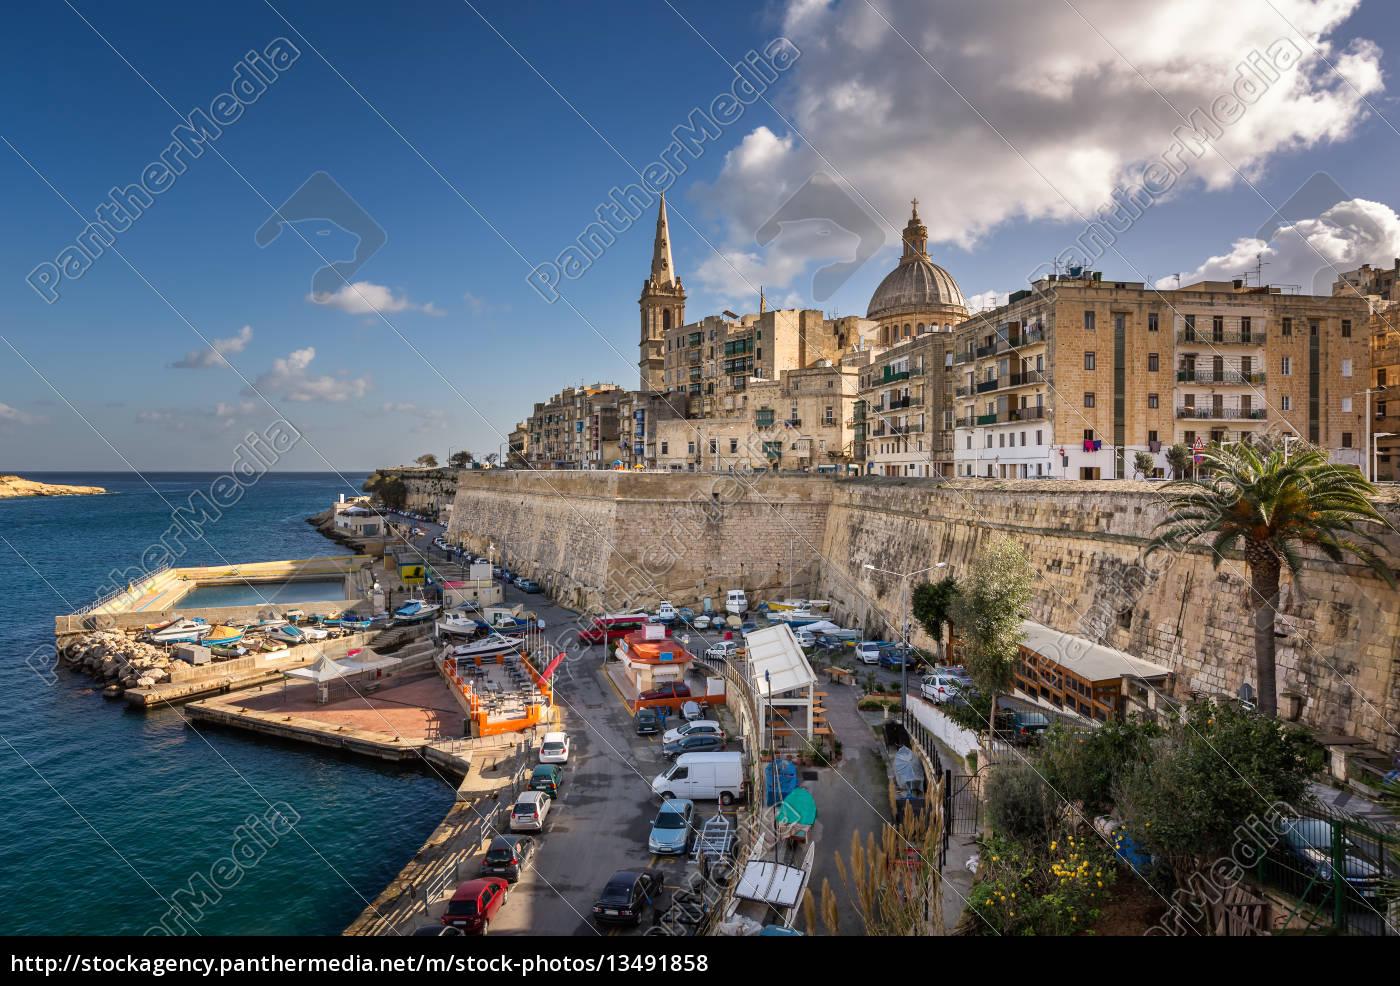 skyline, of, the, maltese, capital, city - 13491858